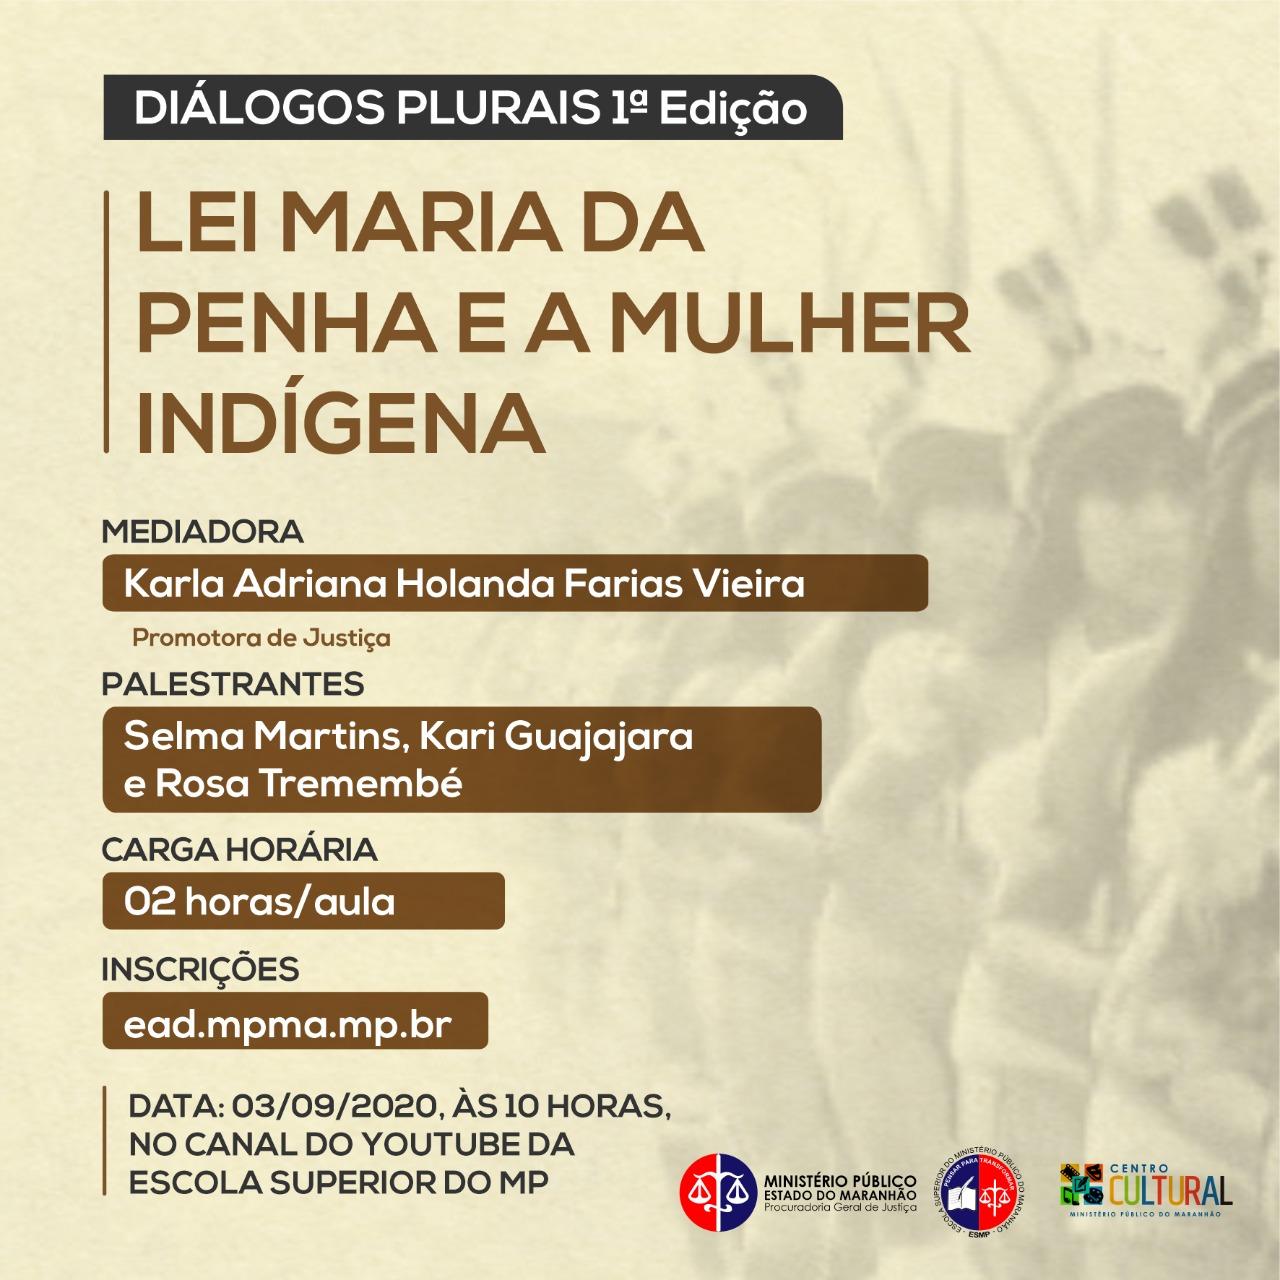 1ª Edição dos Diálogos Plurais: Lei Maria da Penha e a Mulher Indígena